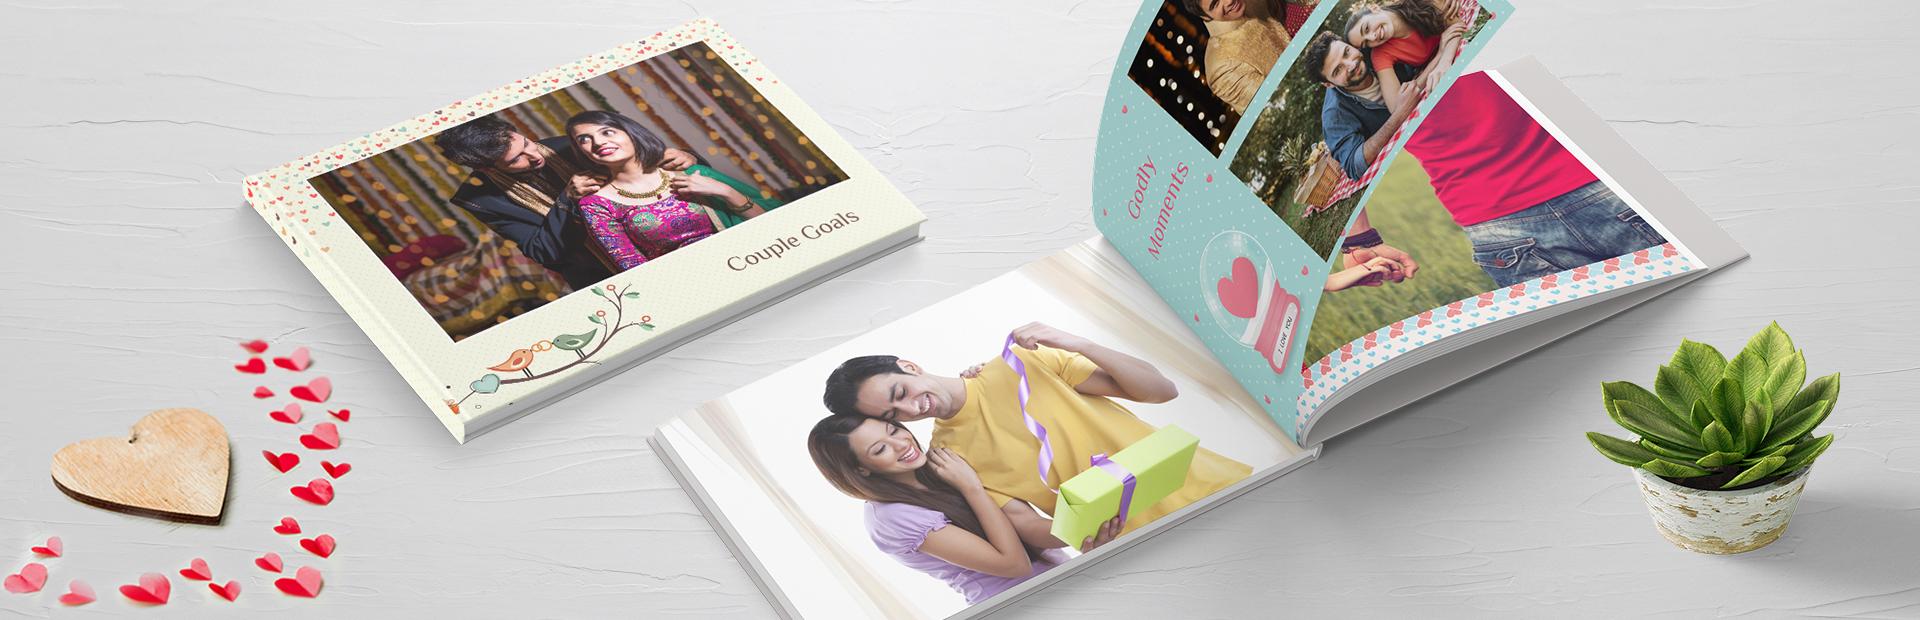 Anniversary Love Custom Photo Books